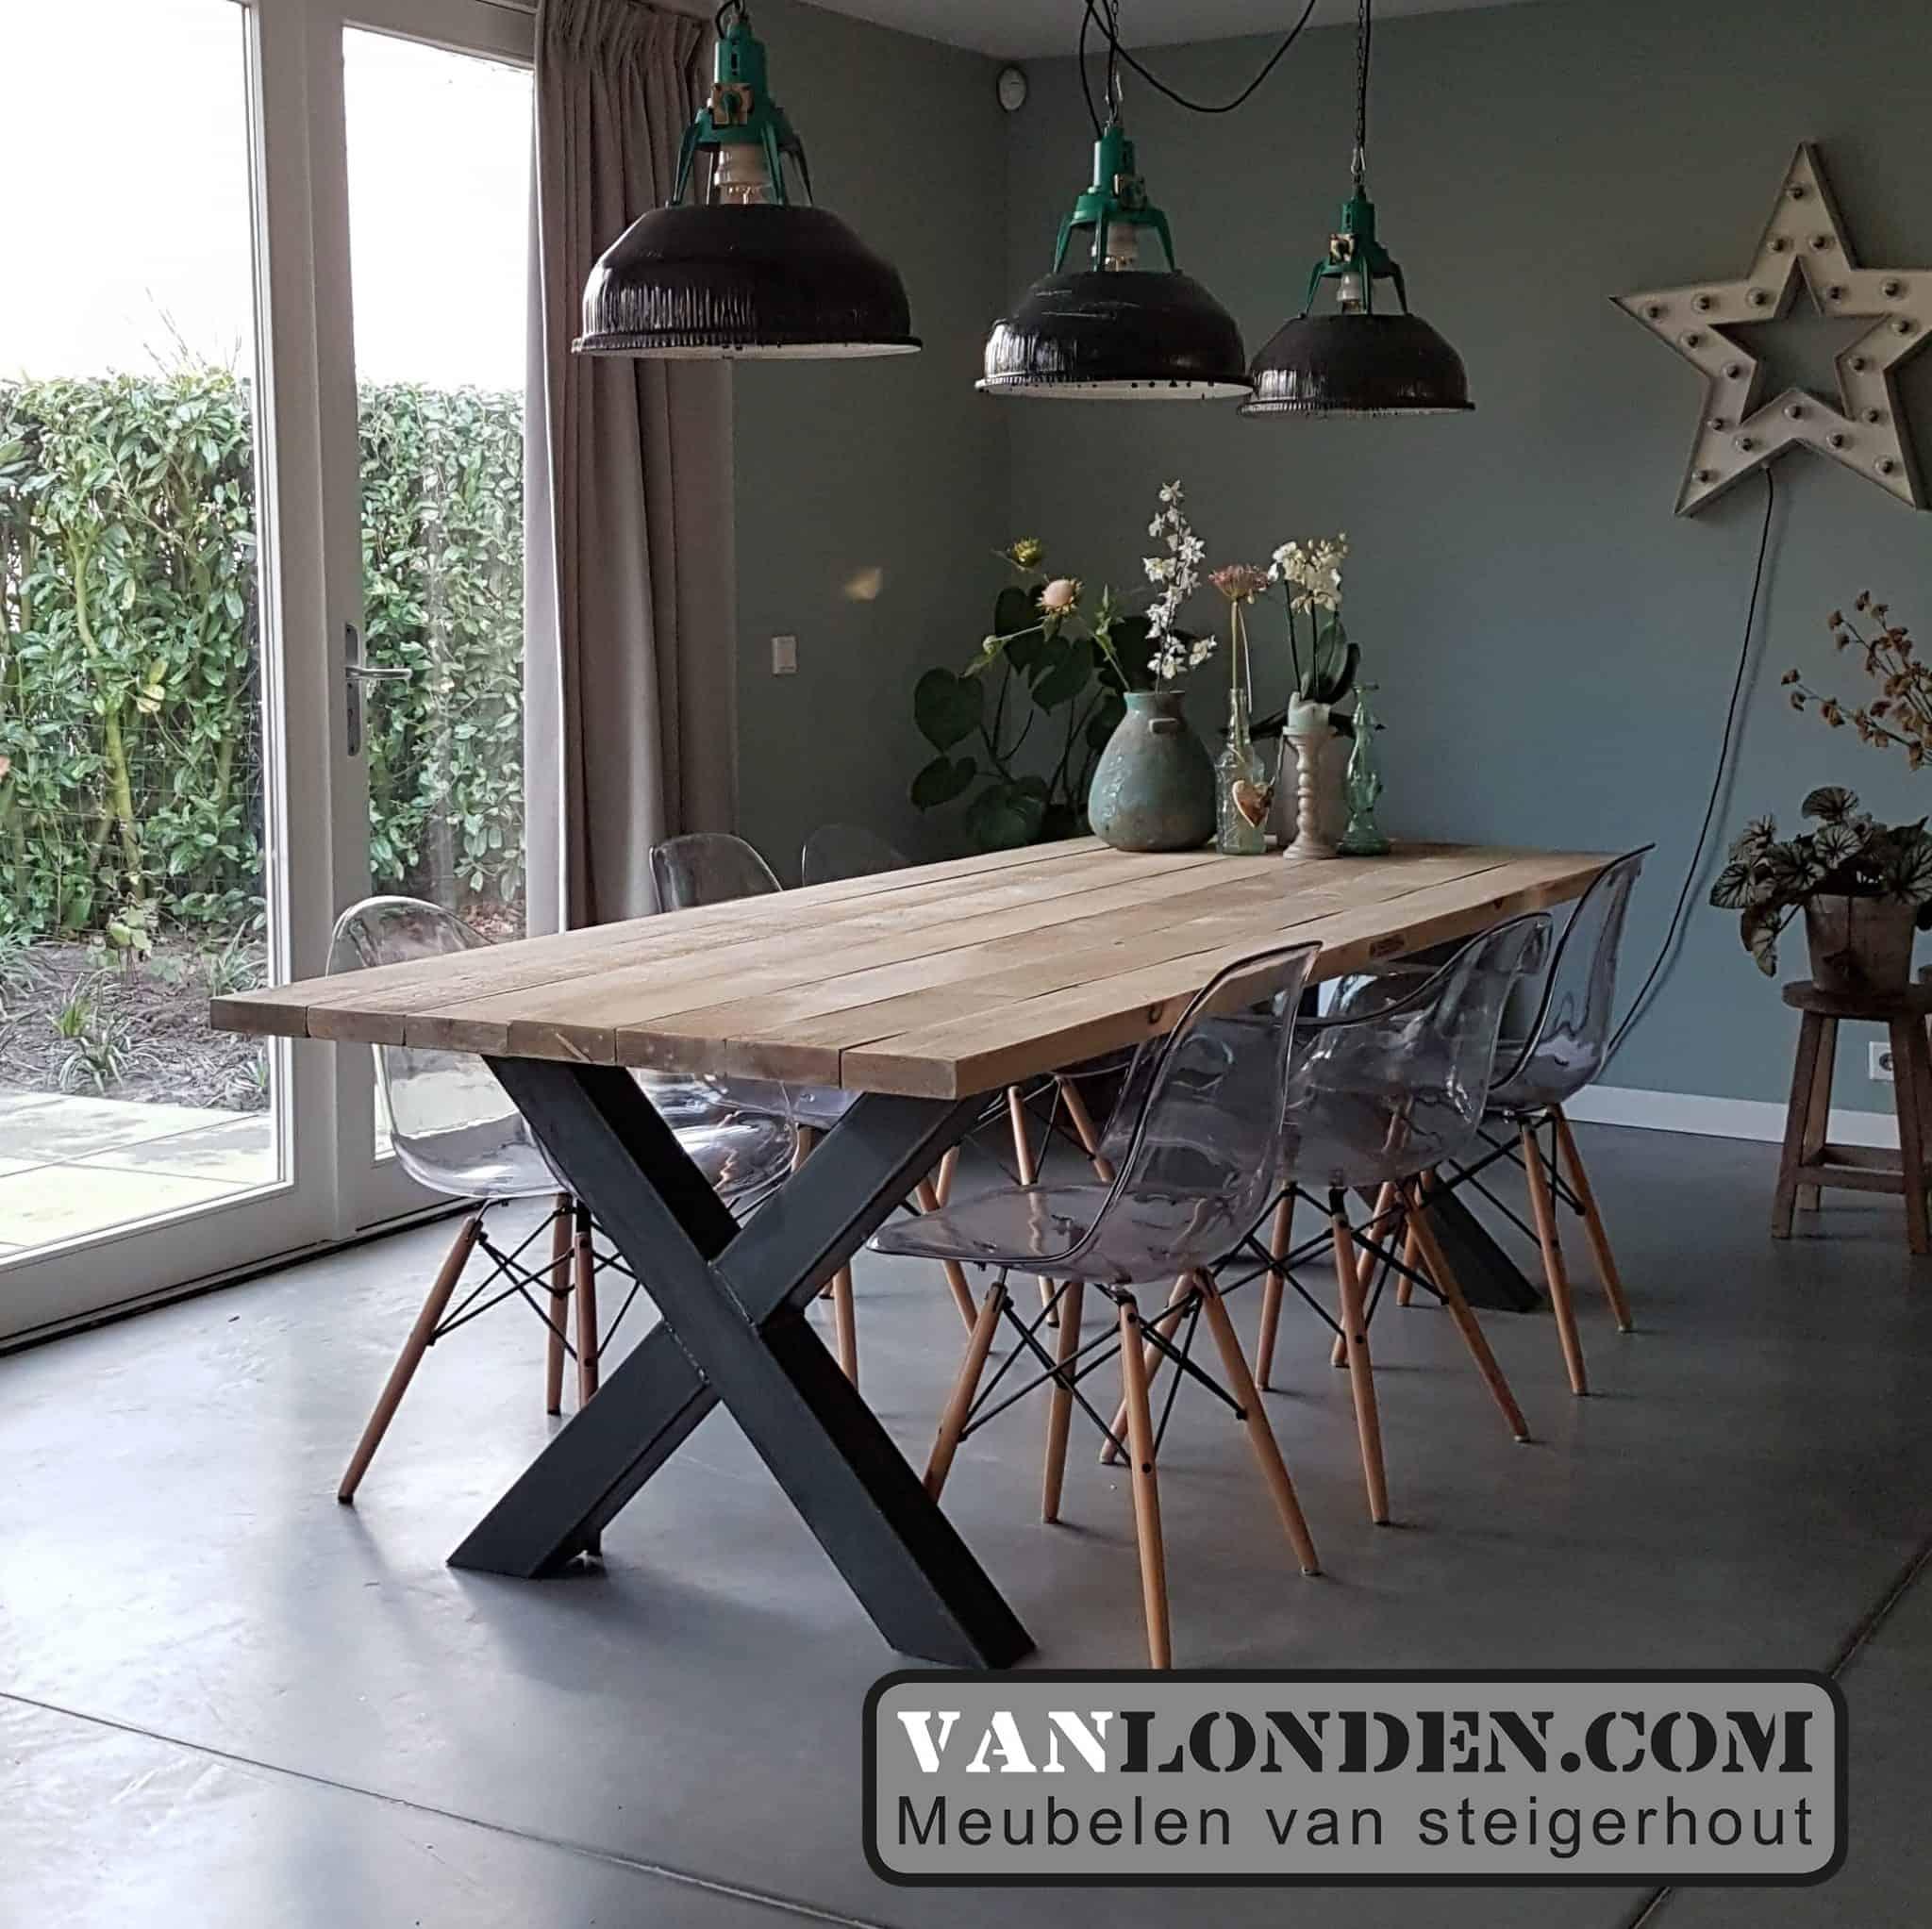 Tafel van balk planken Remco (Steigerhouten eettafels online bestellen)